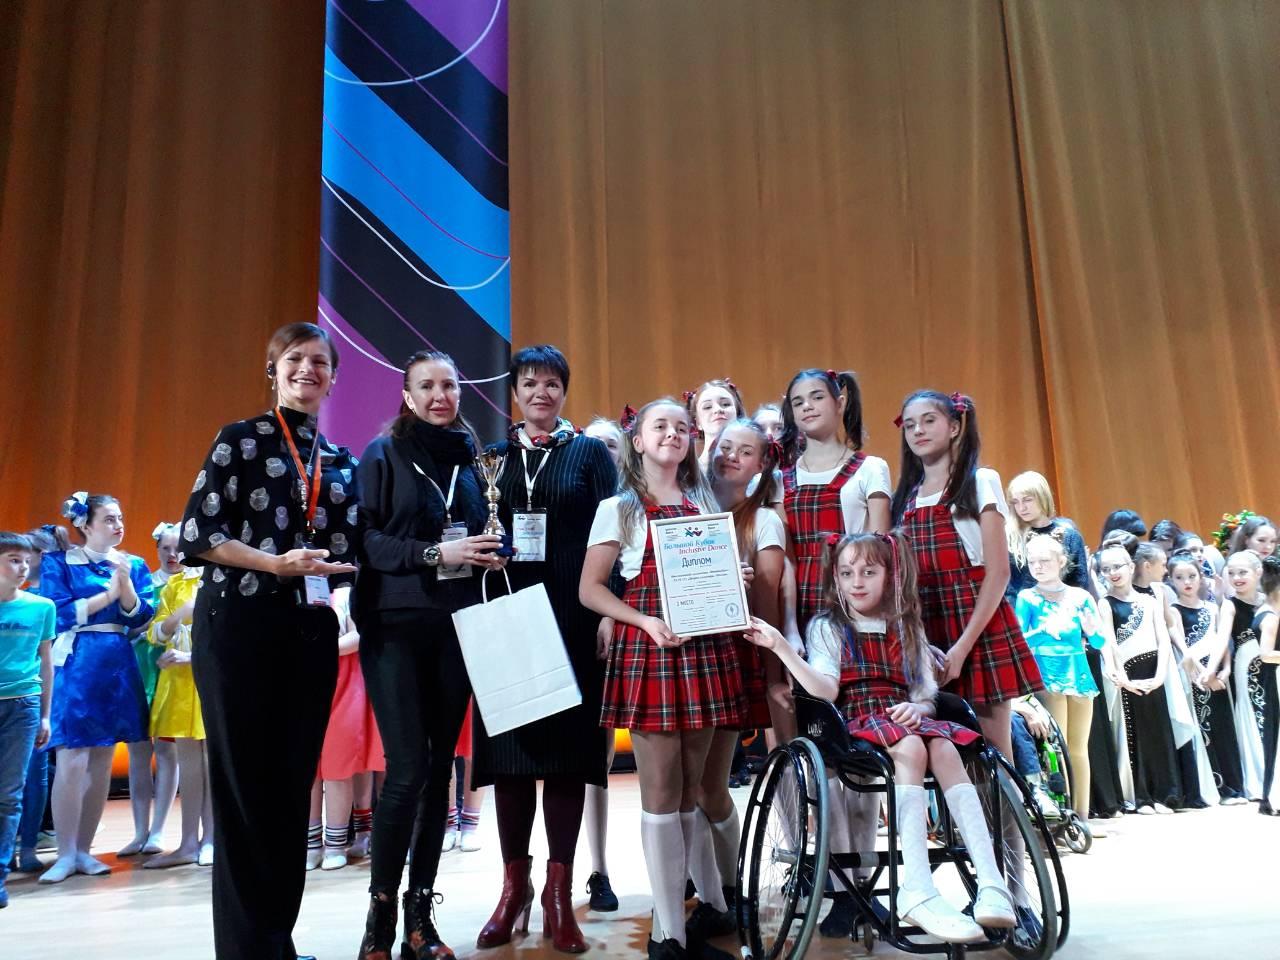 Инклюзивный коллектив «Фантазеры» ДК «России» вошел в тройку сильнейших на фестивале «Inclusive Dance Volga» в г. Москва